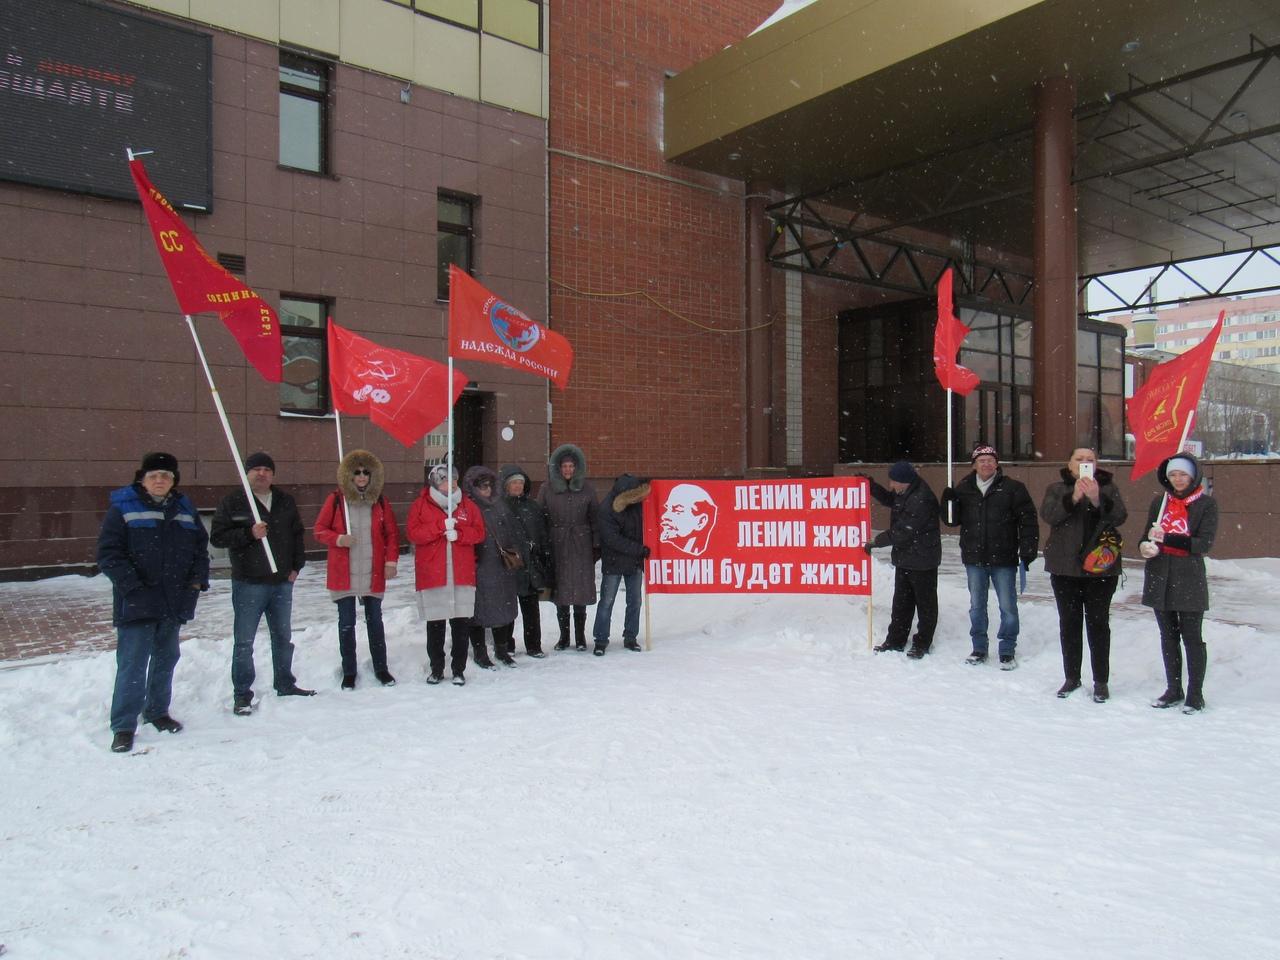 Заветы Ленина актуальны и сегодня. В Новом Уренгое прошел пикет в честь 149-ой годовщины со дня рождения В.И. Ленина